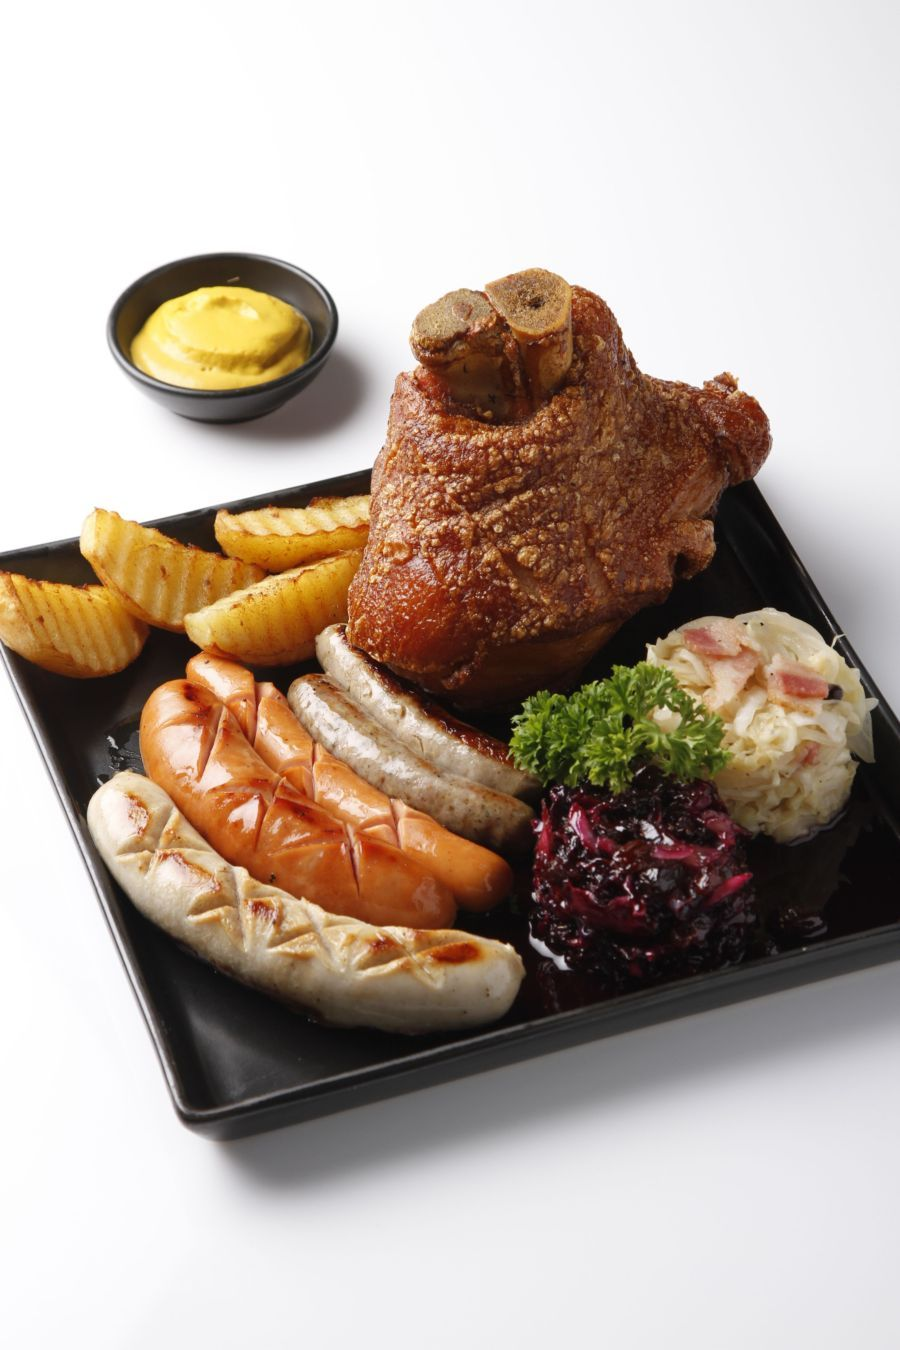 ห้องอาหาร ดิ ออร์ชาร์ด โรงแรมแคนทารี โคราช ขอเชิญทุกท่านเต็มอิ่มกับความอร่อยใน เทศกาลอาหารเยอรมัน